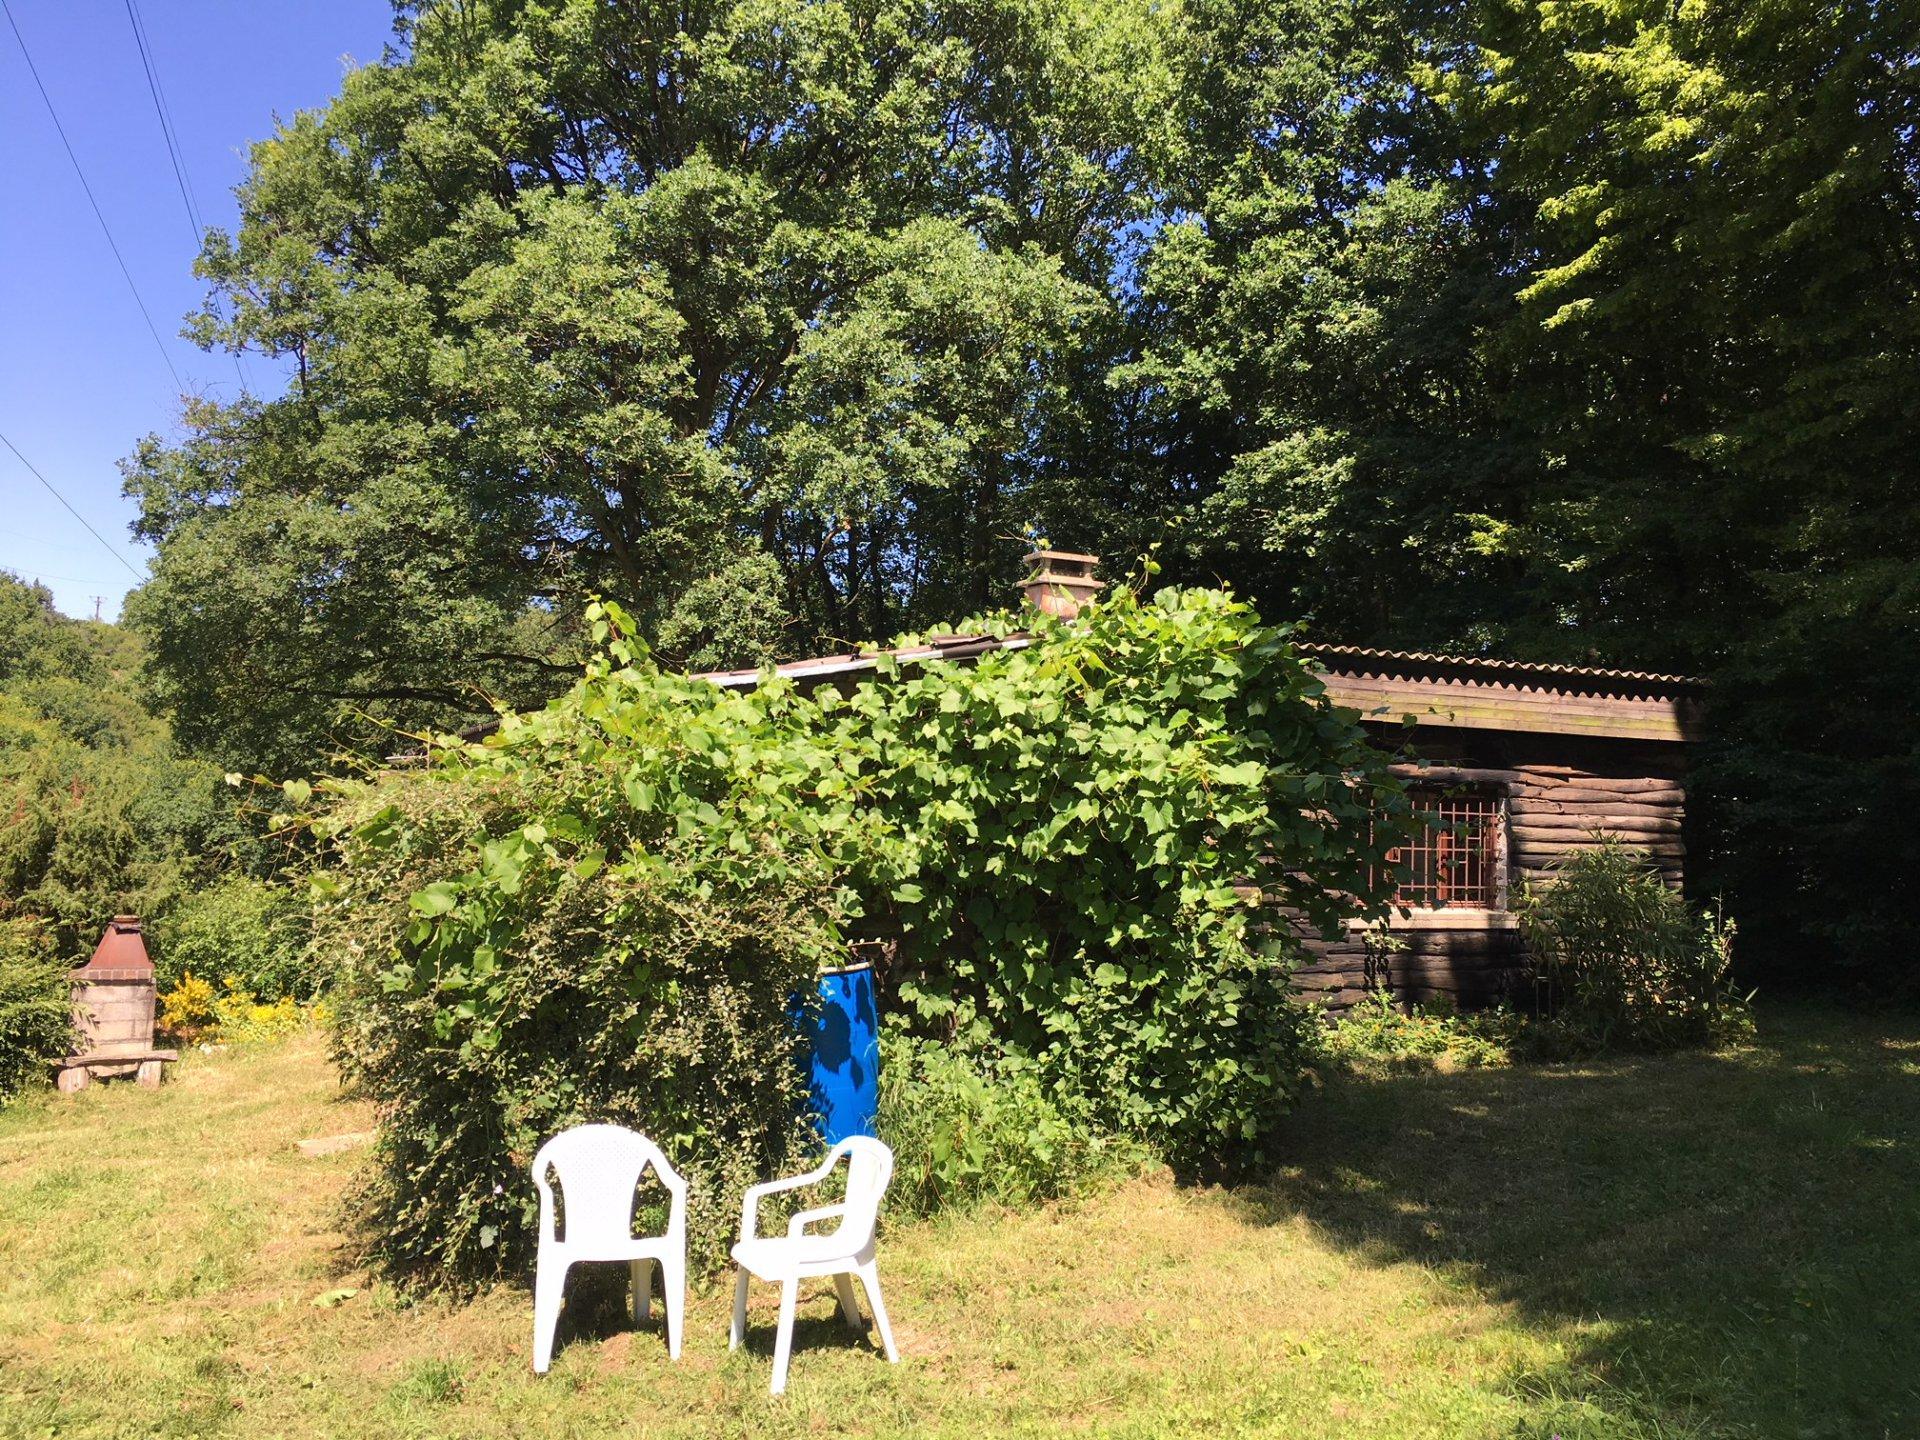 Maison de loisirs sur terrain boisé